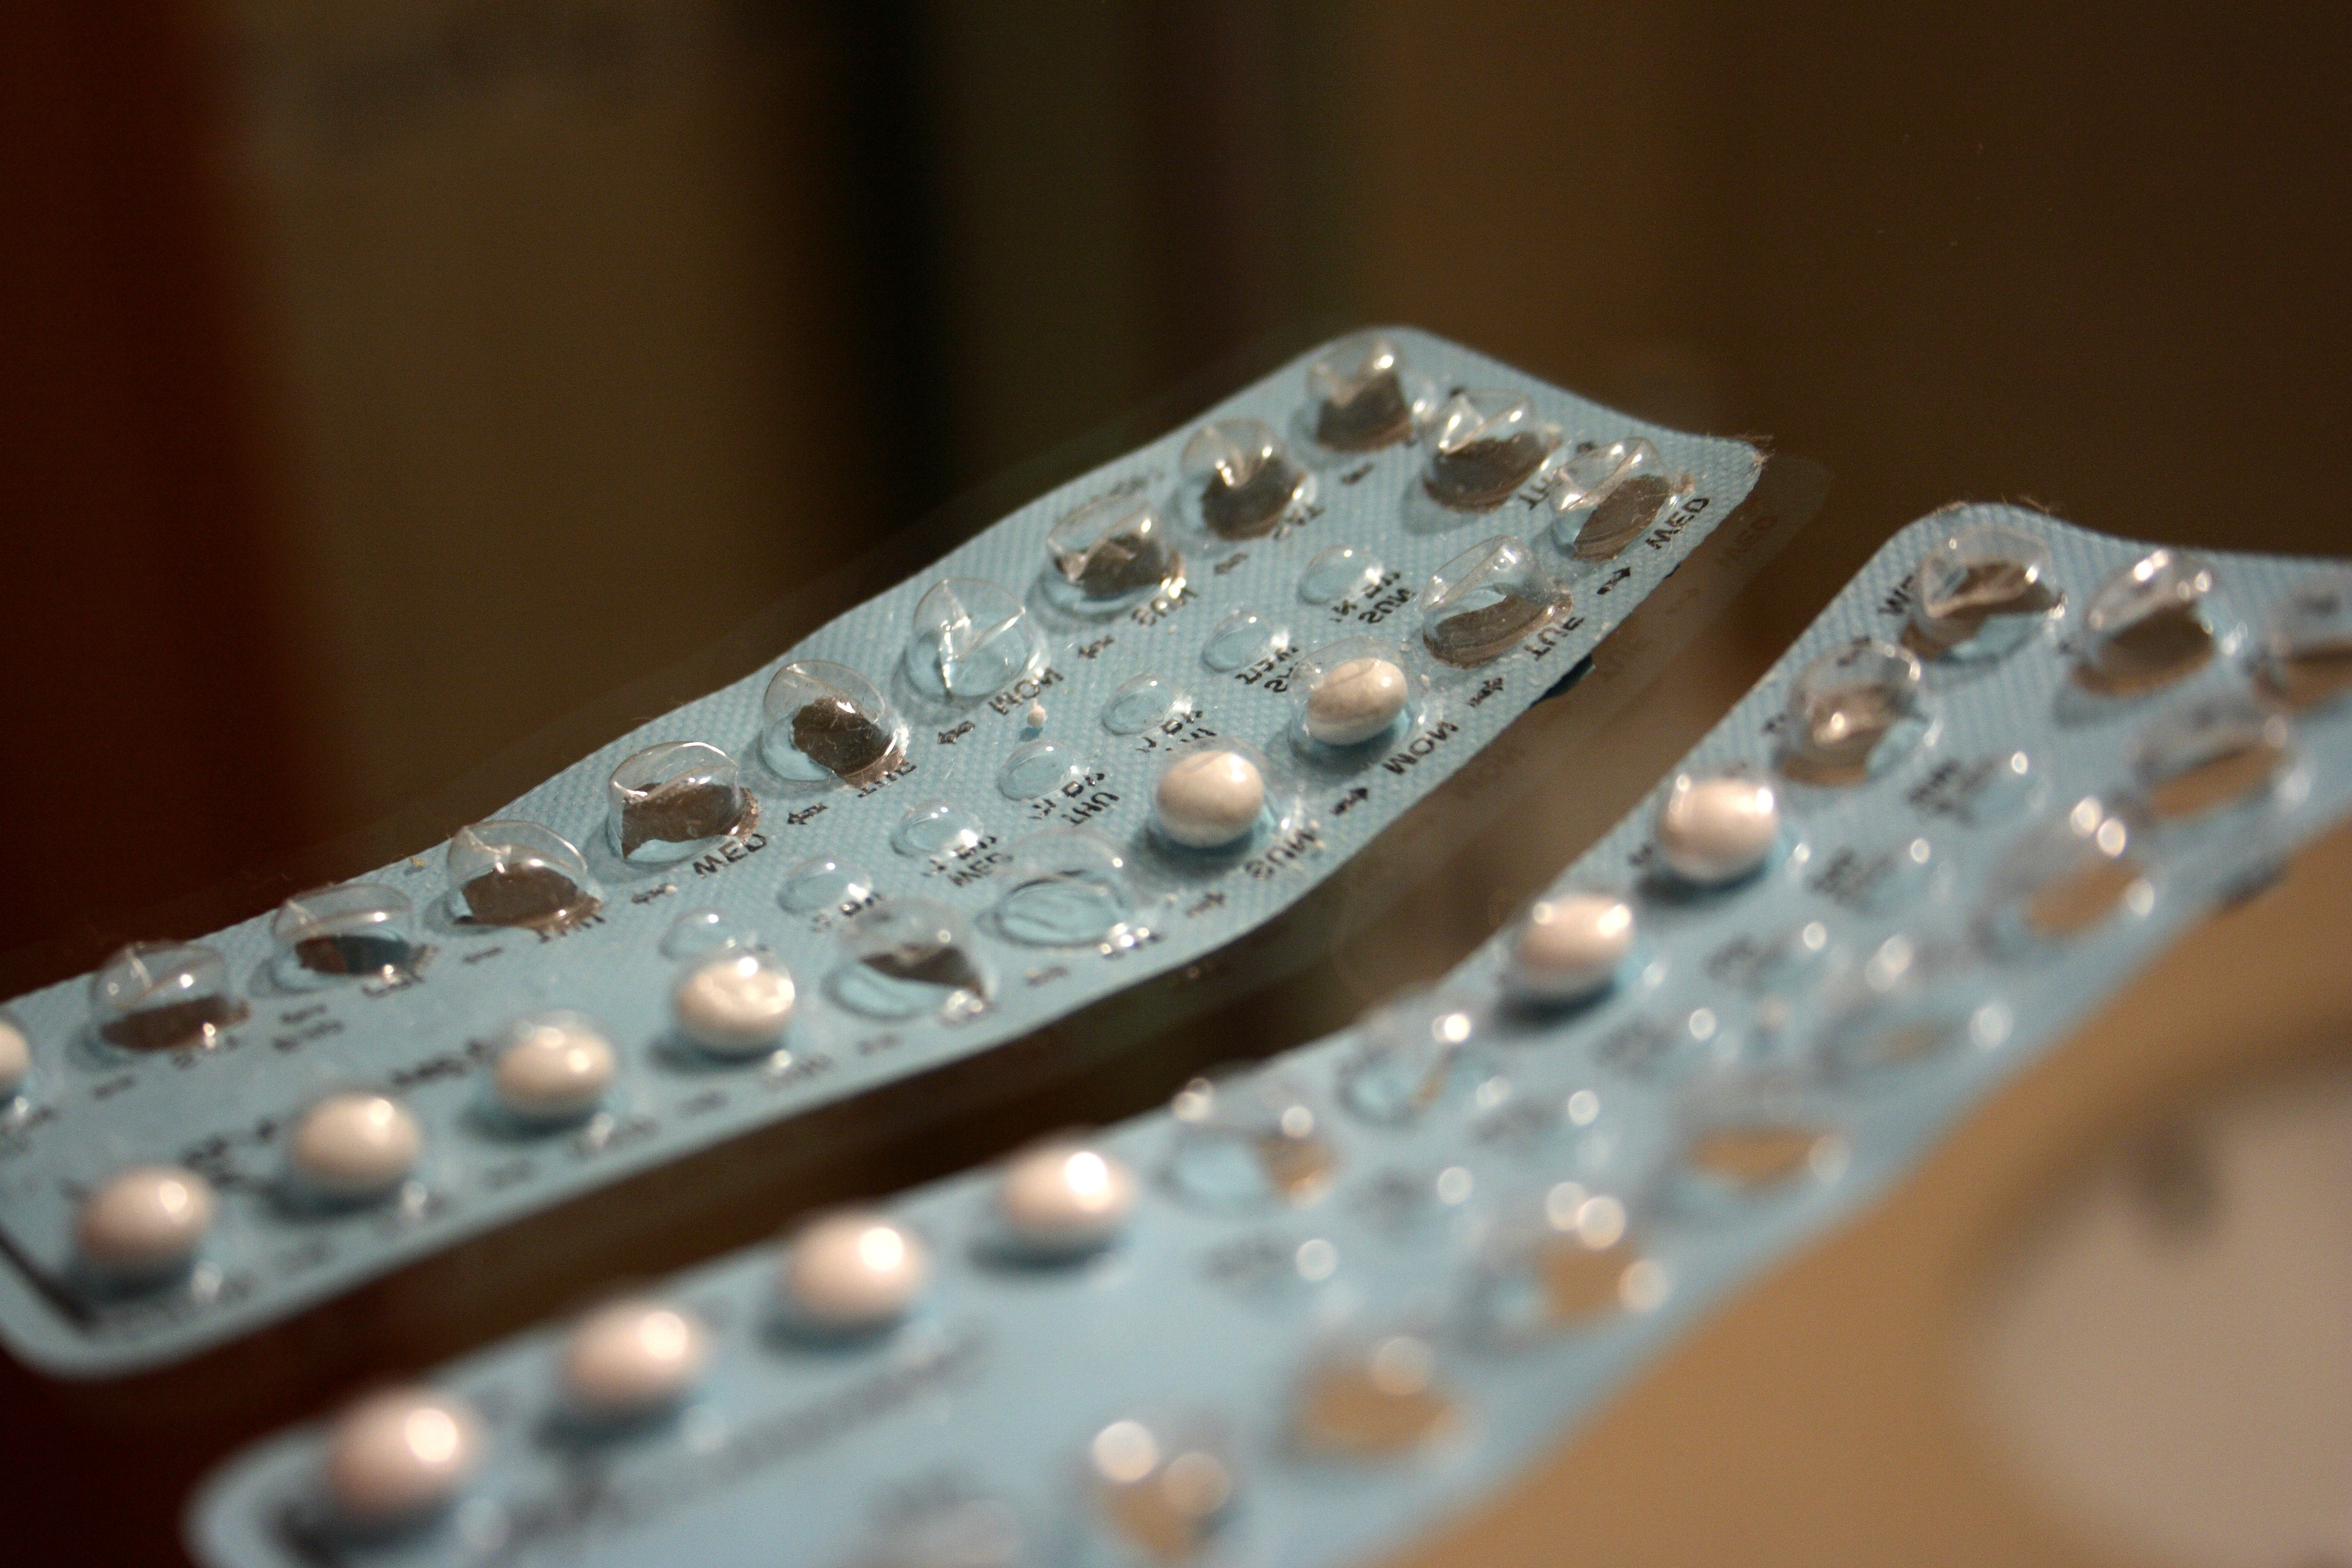 Pílula anticoncepcional pode aumentar risco de depressão